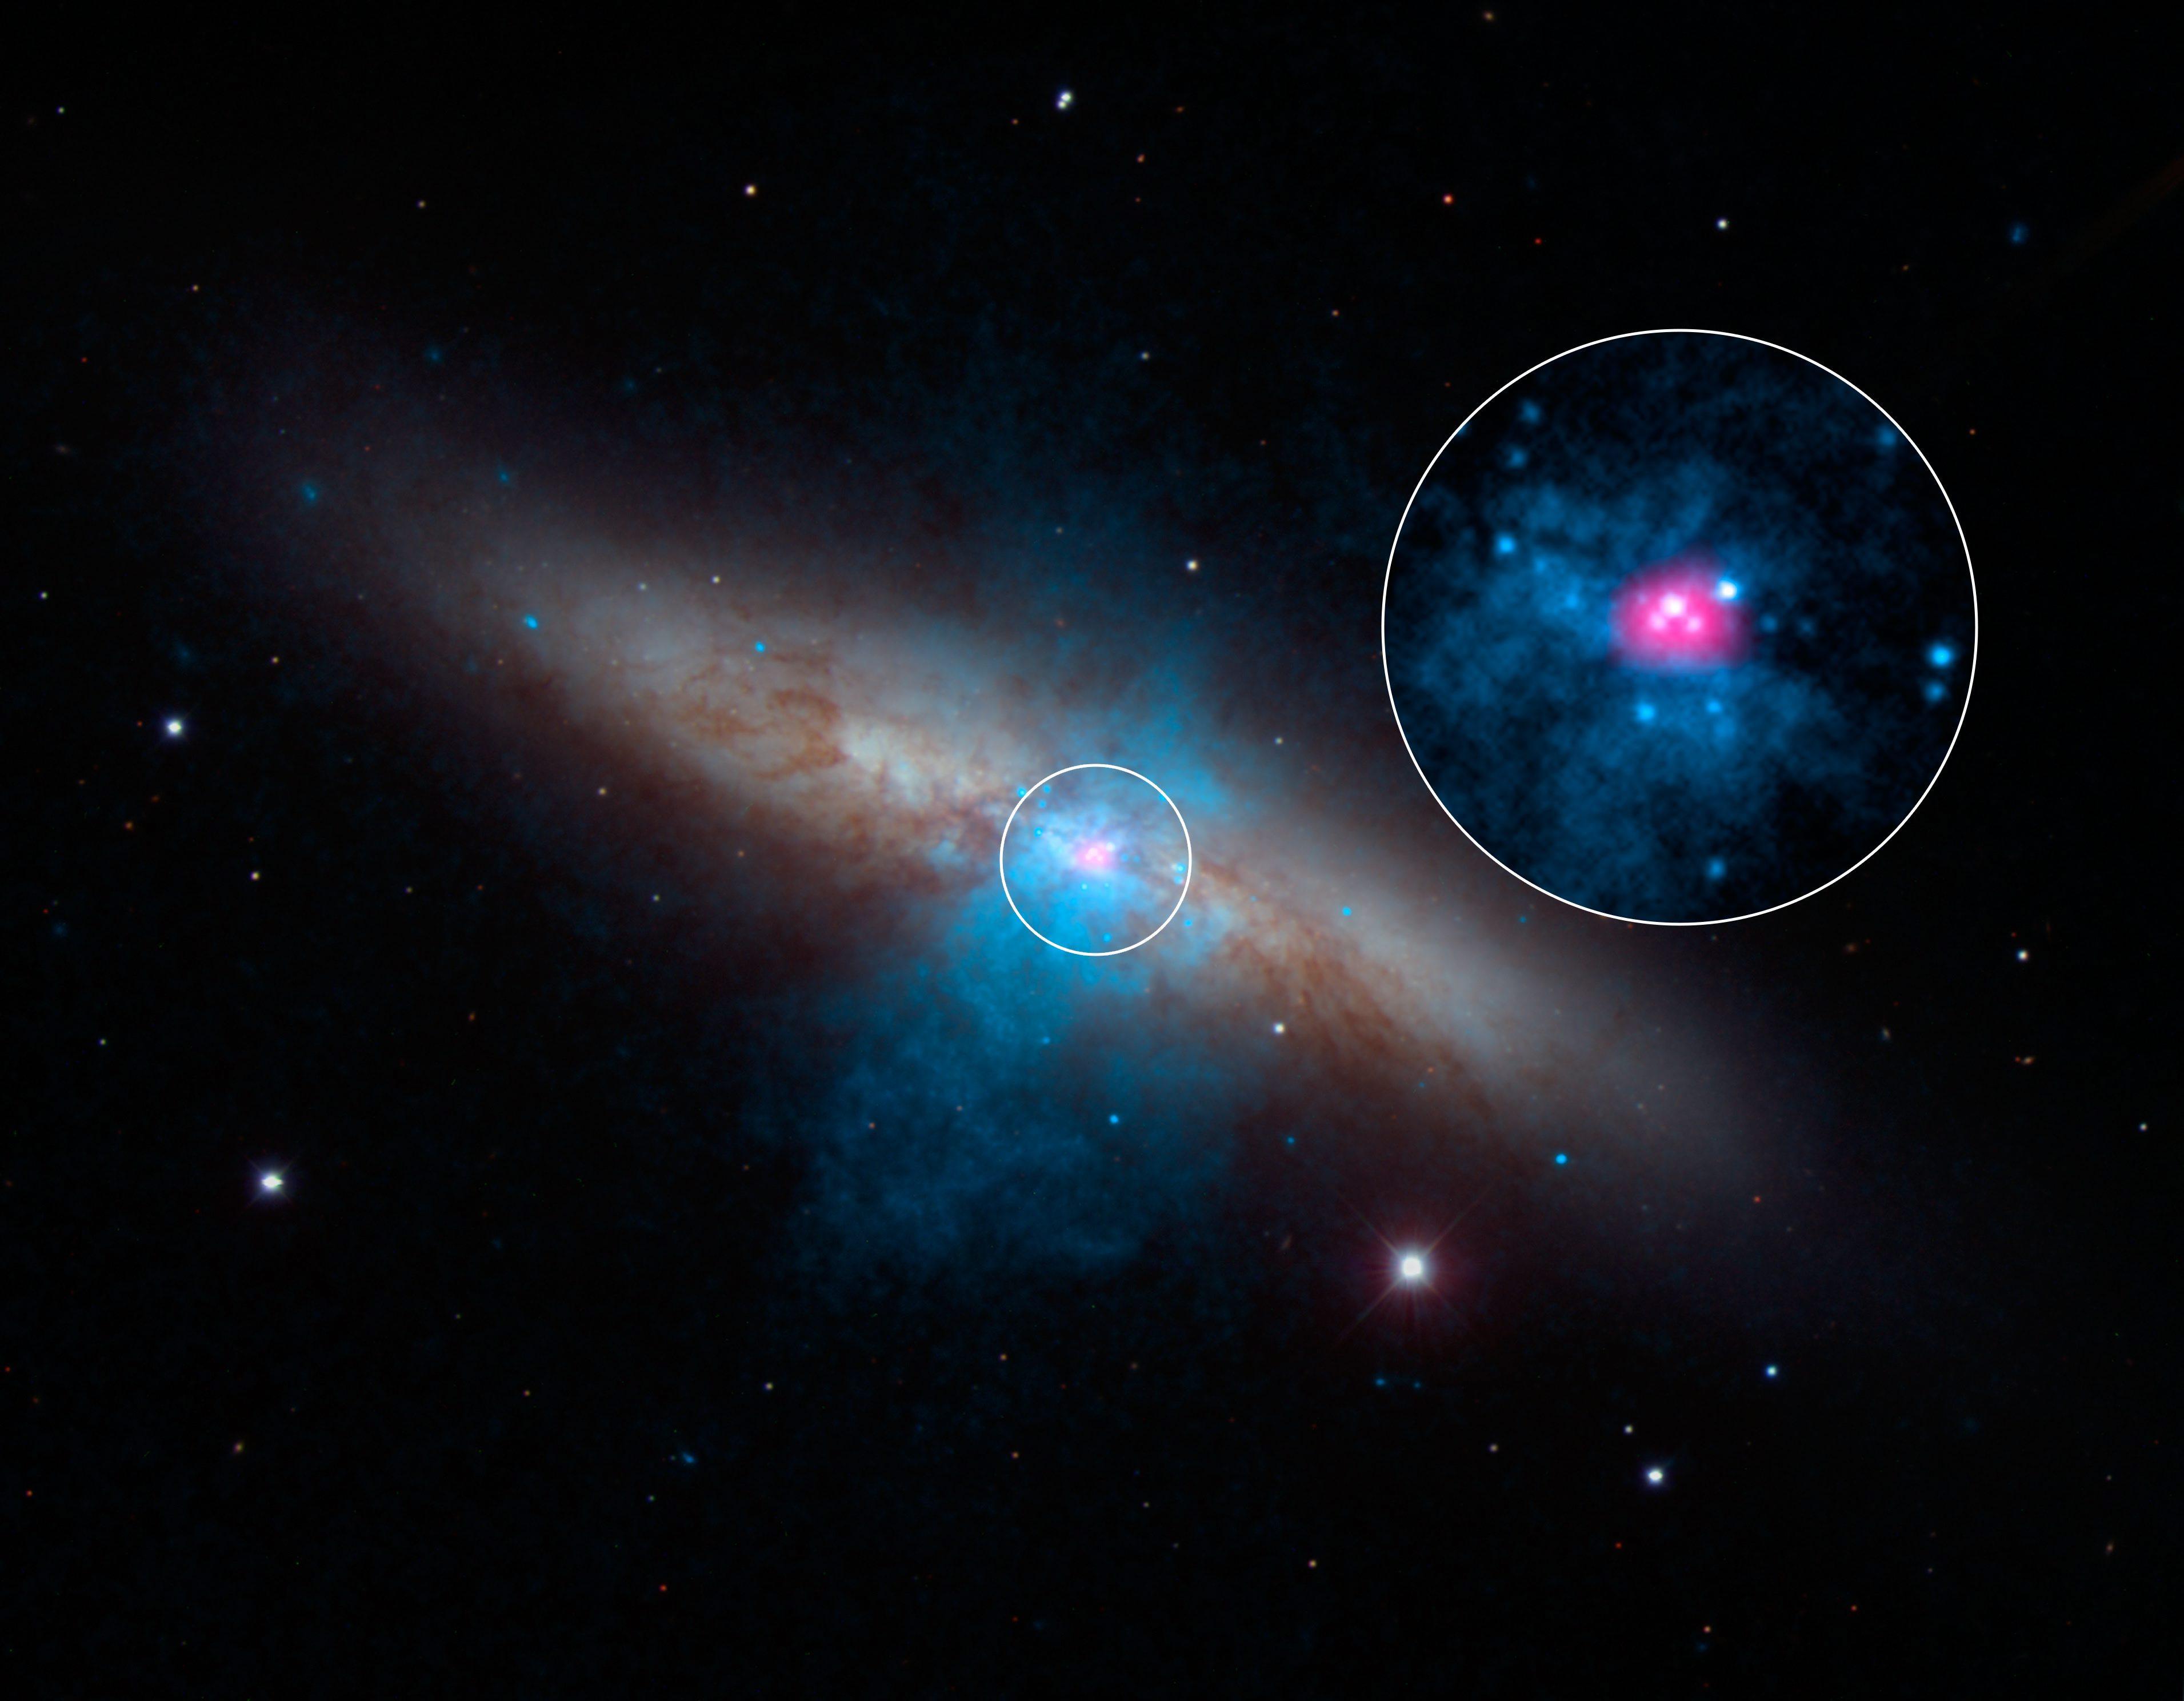 Σχολή Αστρονομίας εξ αποστάσεως ανοίγει τις πύλες της στον Βόλο | tovima.gr